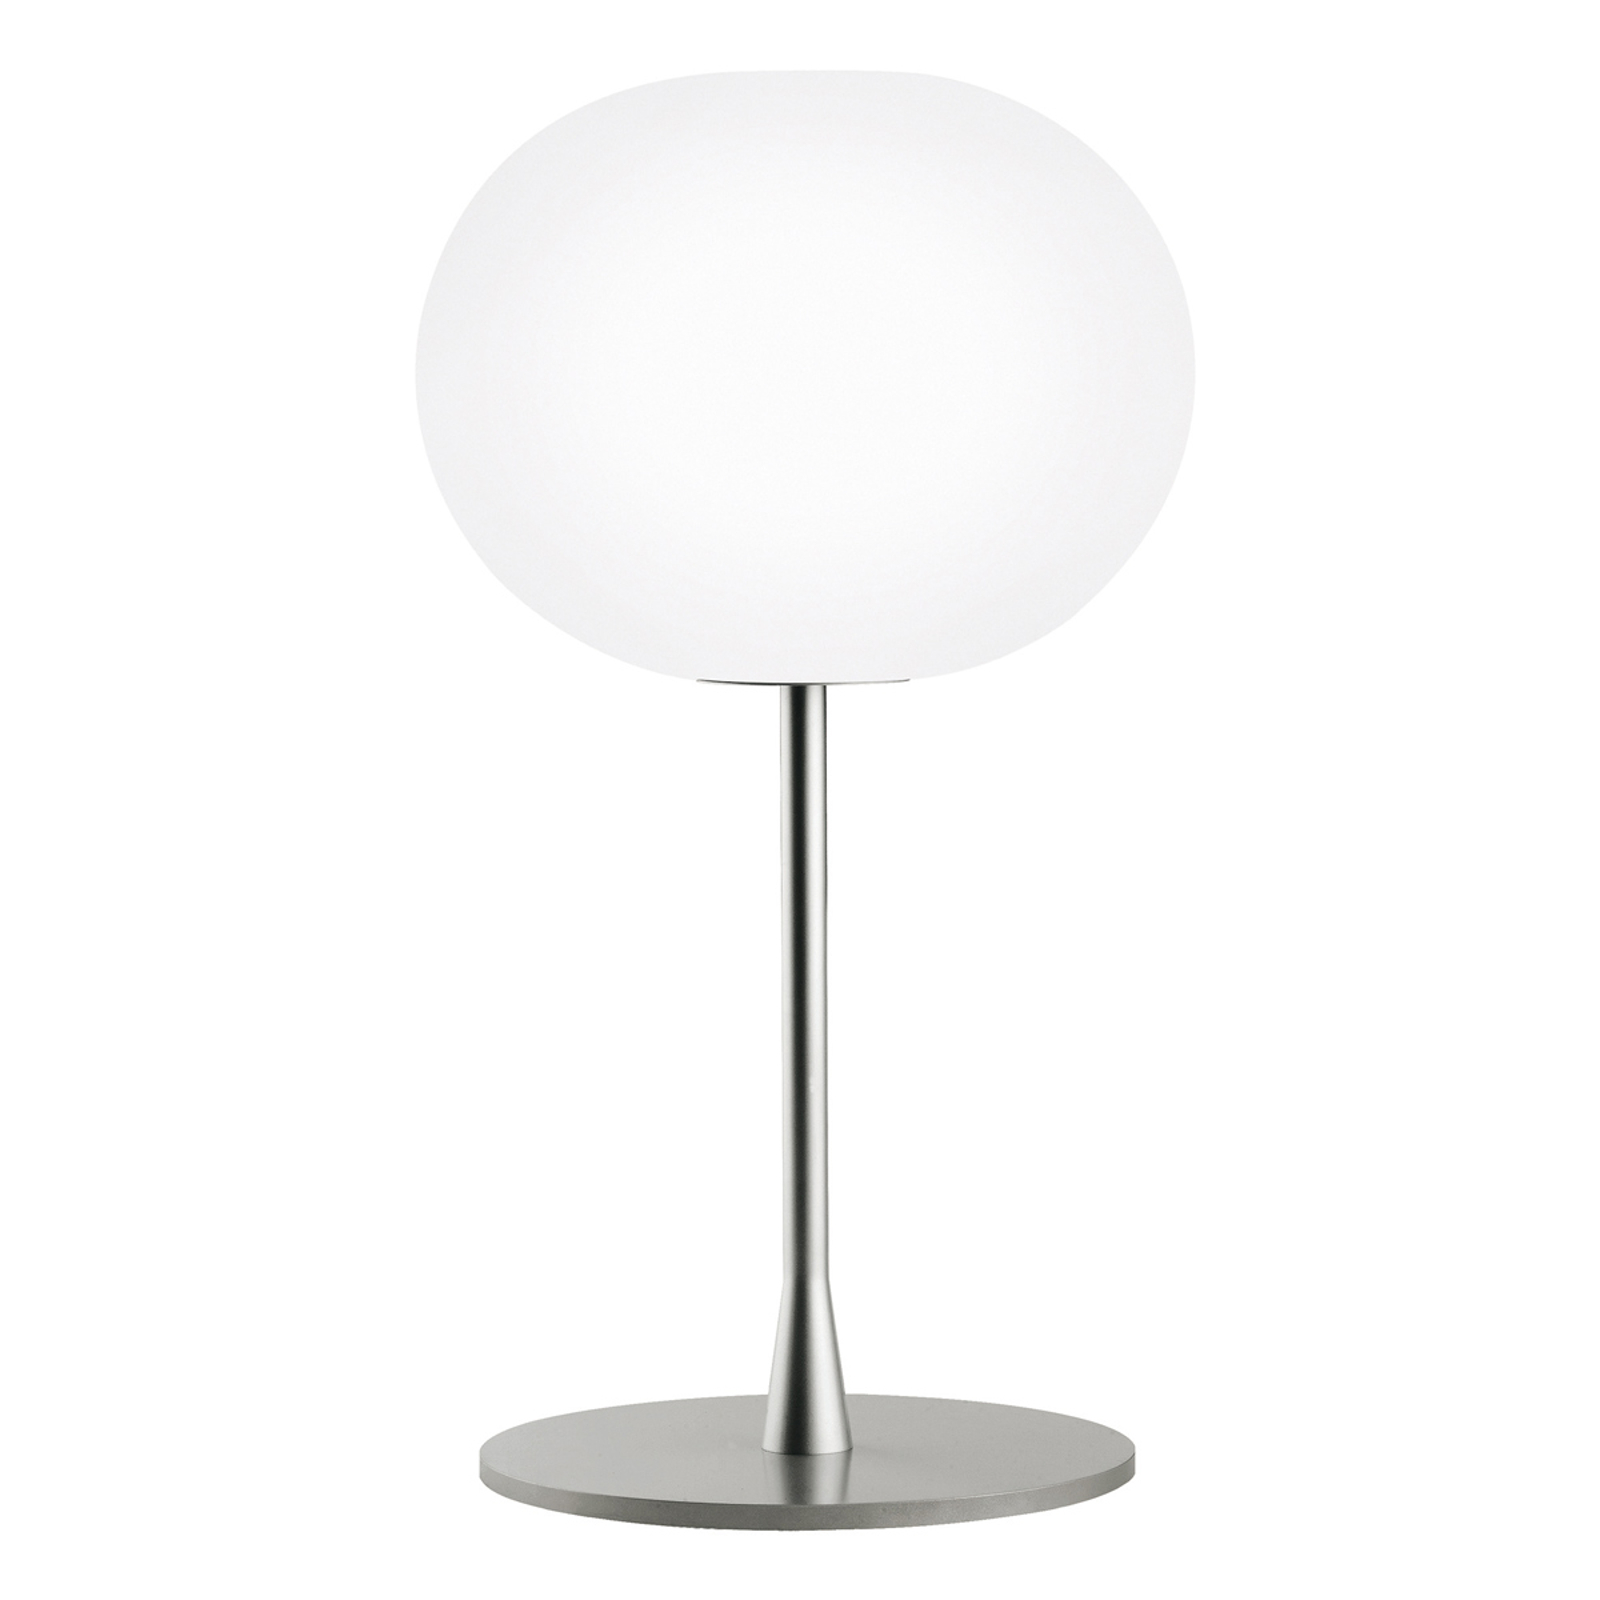 FLOS Glo-Ball Table 1 Tischleuchte, silber matt